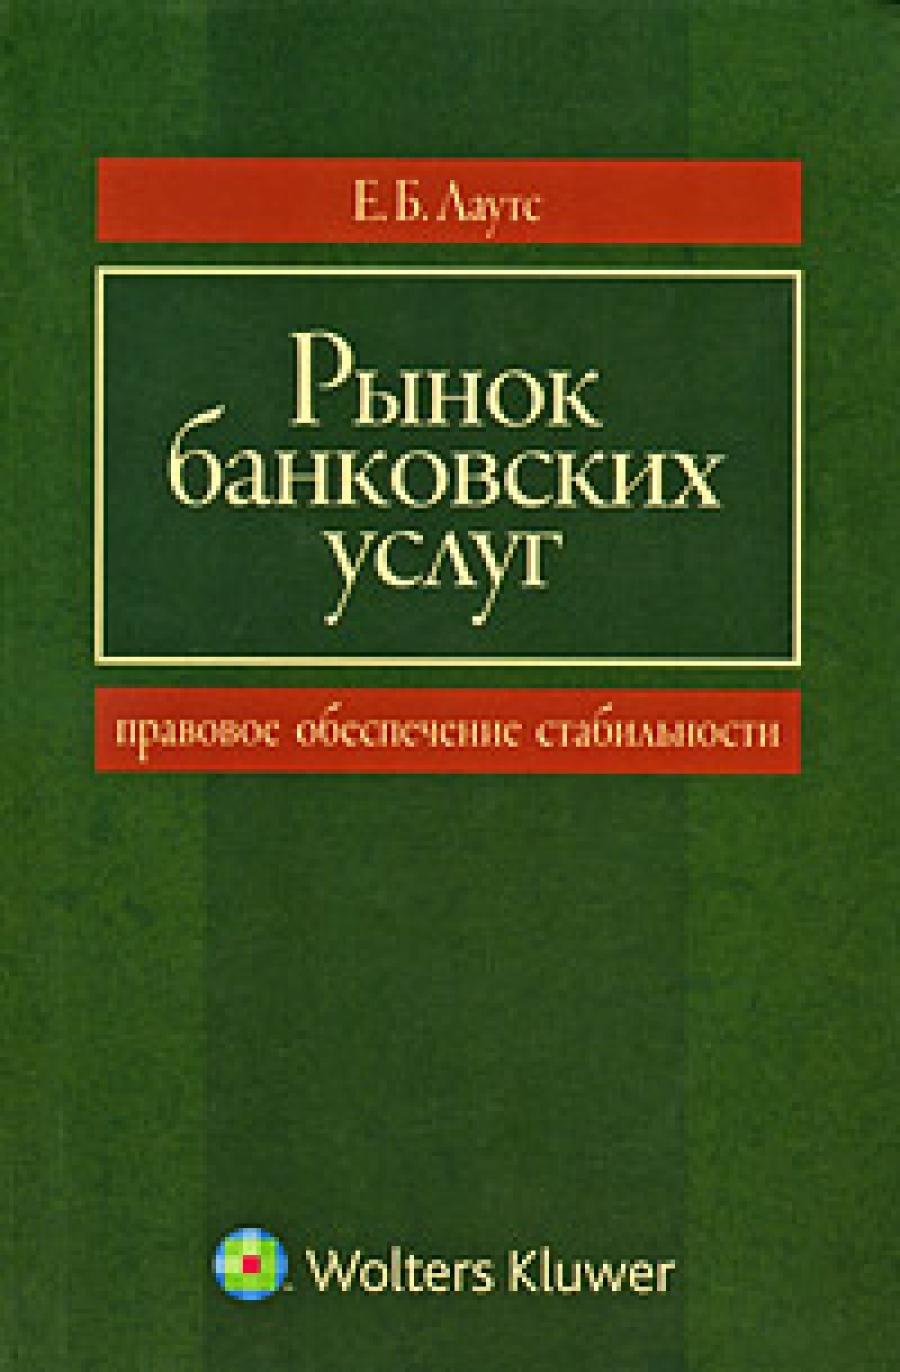 Обложка книги:  е.б. лаутс - рынок банковских услуг. правовое обеспечение стабильности